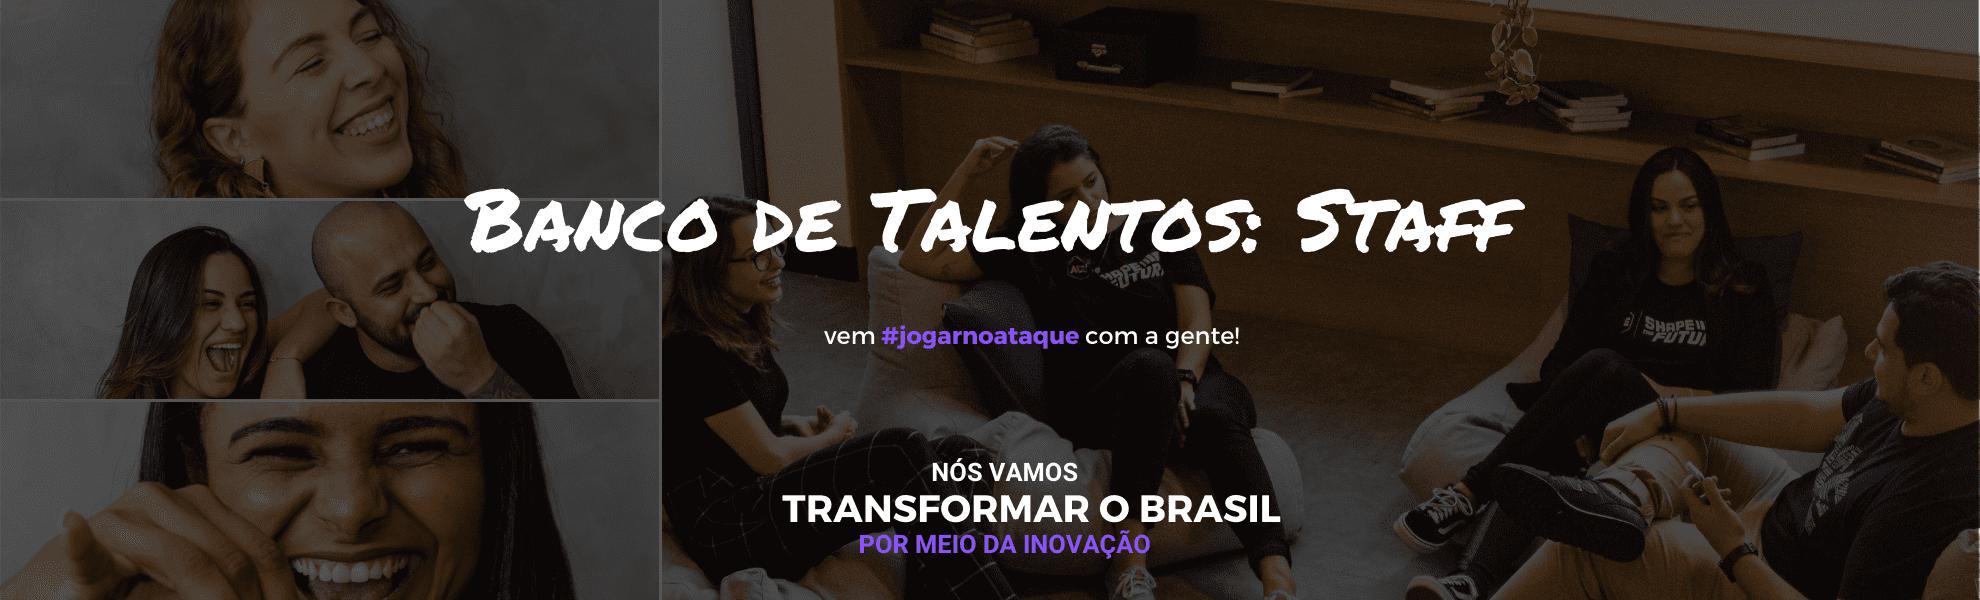 Banco de Talentos.: Vagas Staff